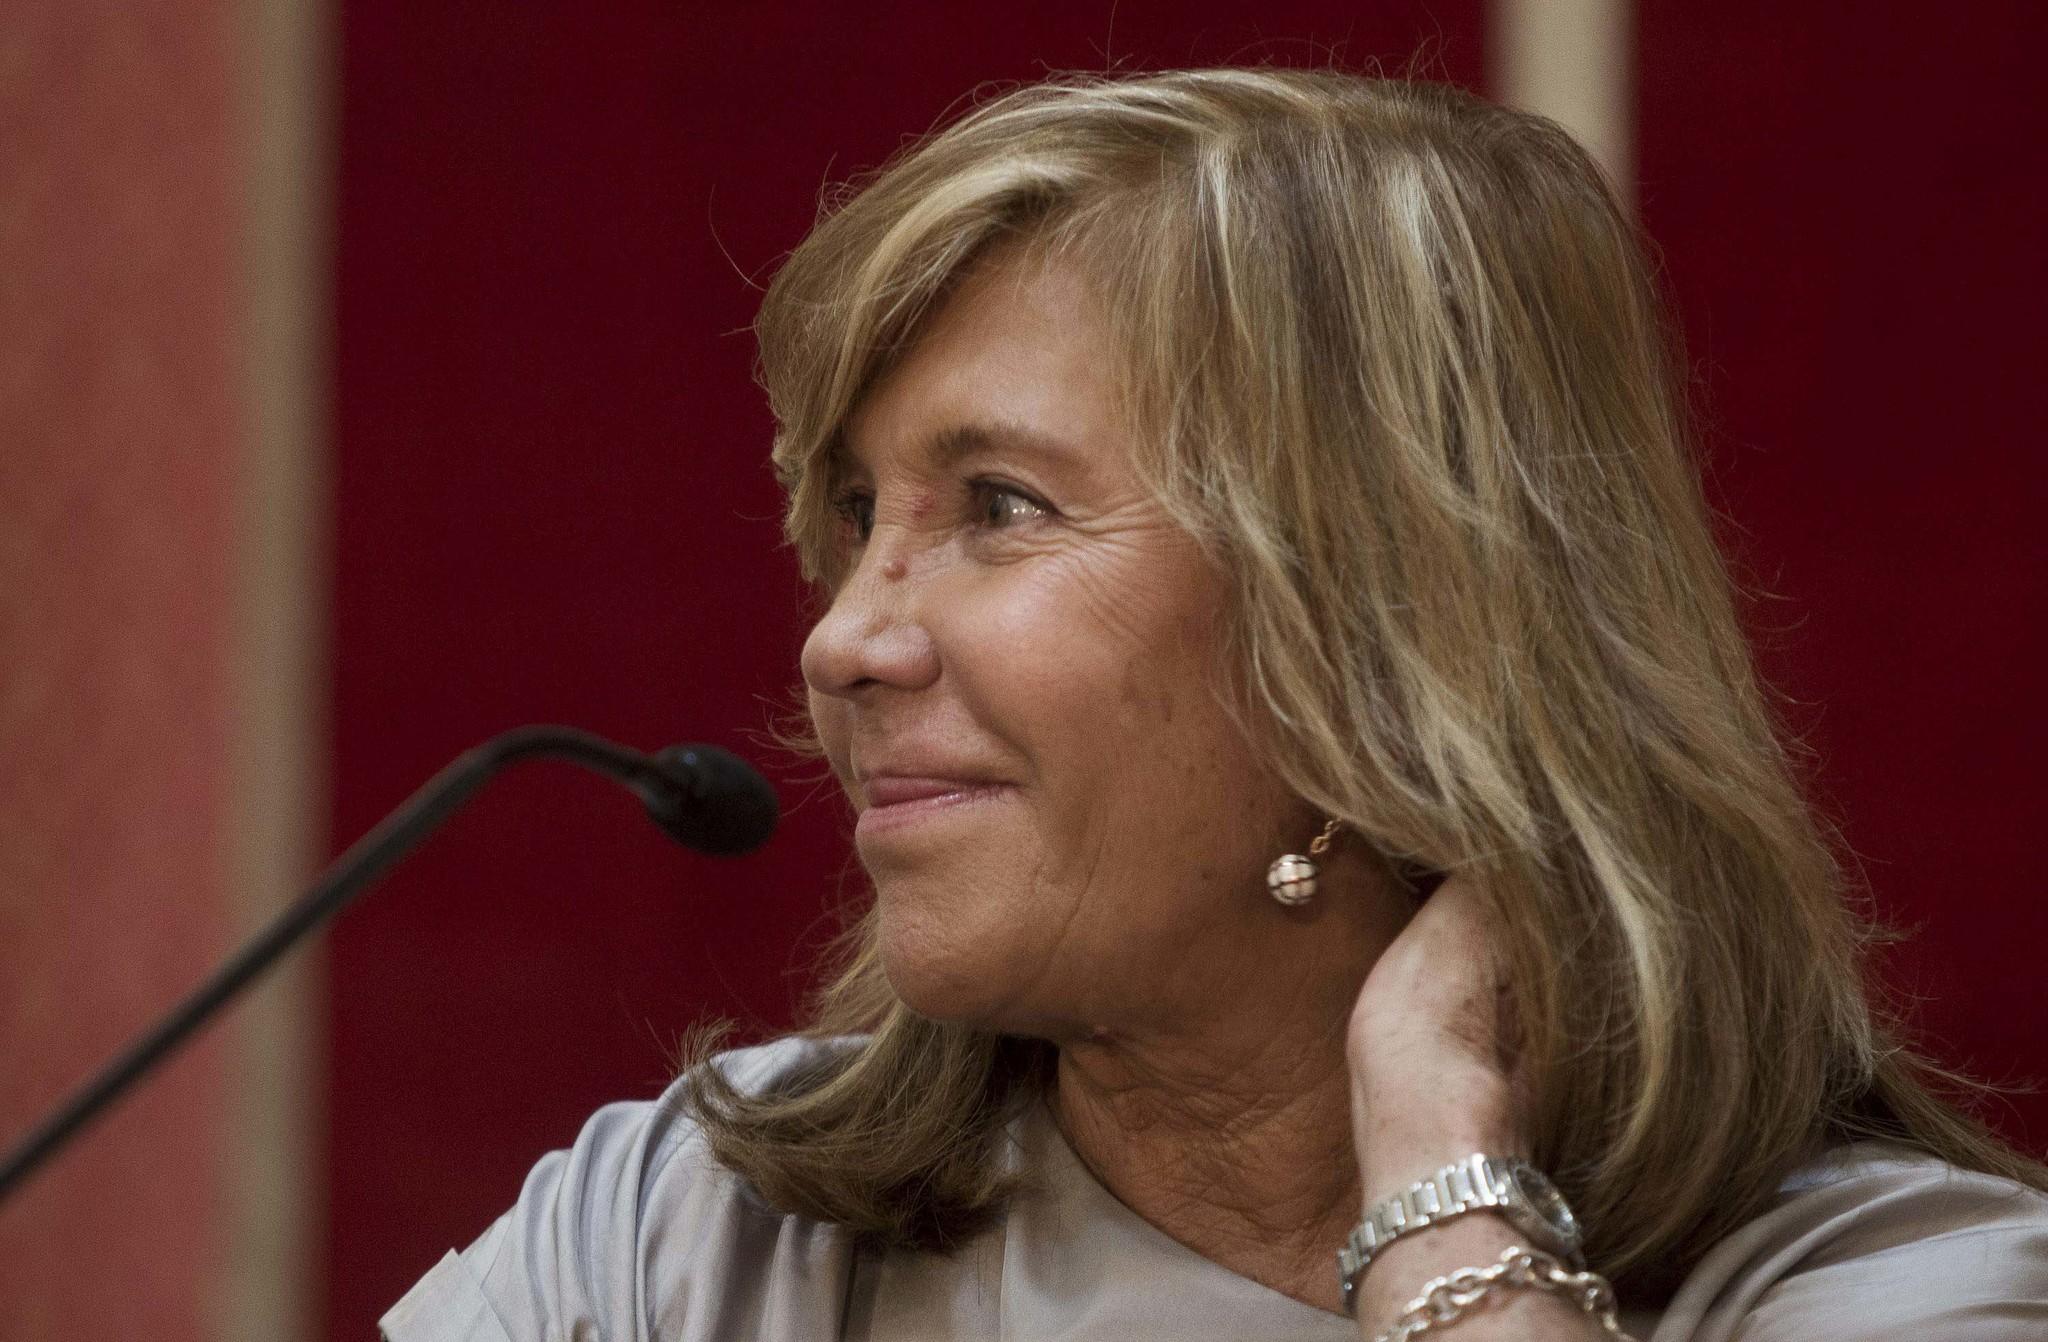 Cristina Ordovás Gómez-Jordana